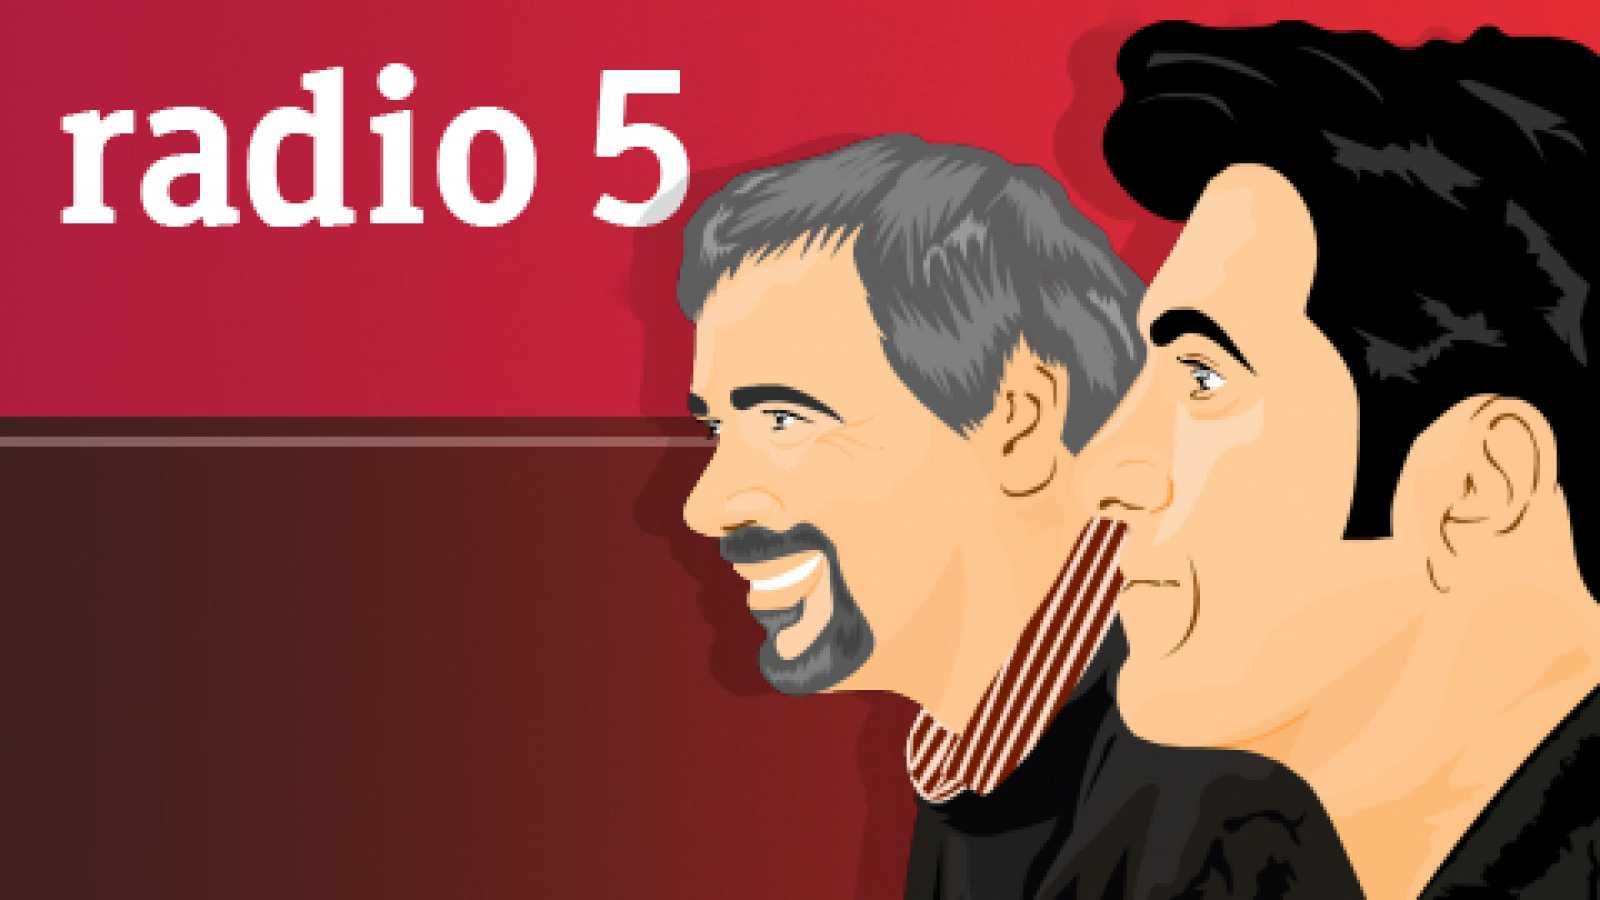 'Espiderman 5', de Enrique Vegas (Viñetas y bocadillos)